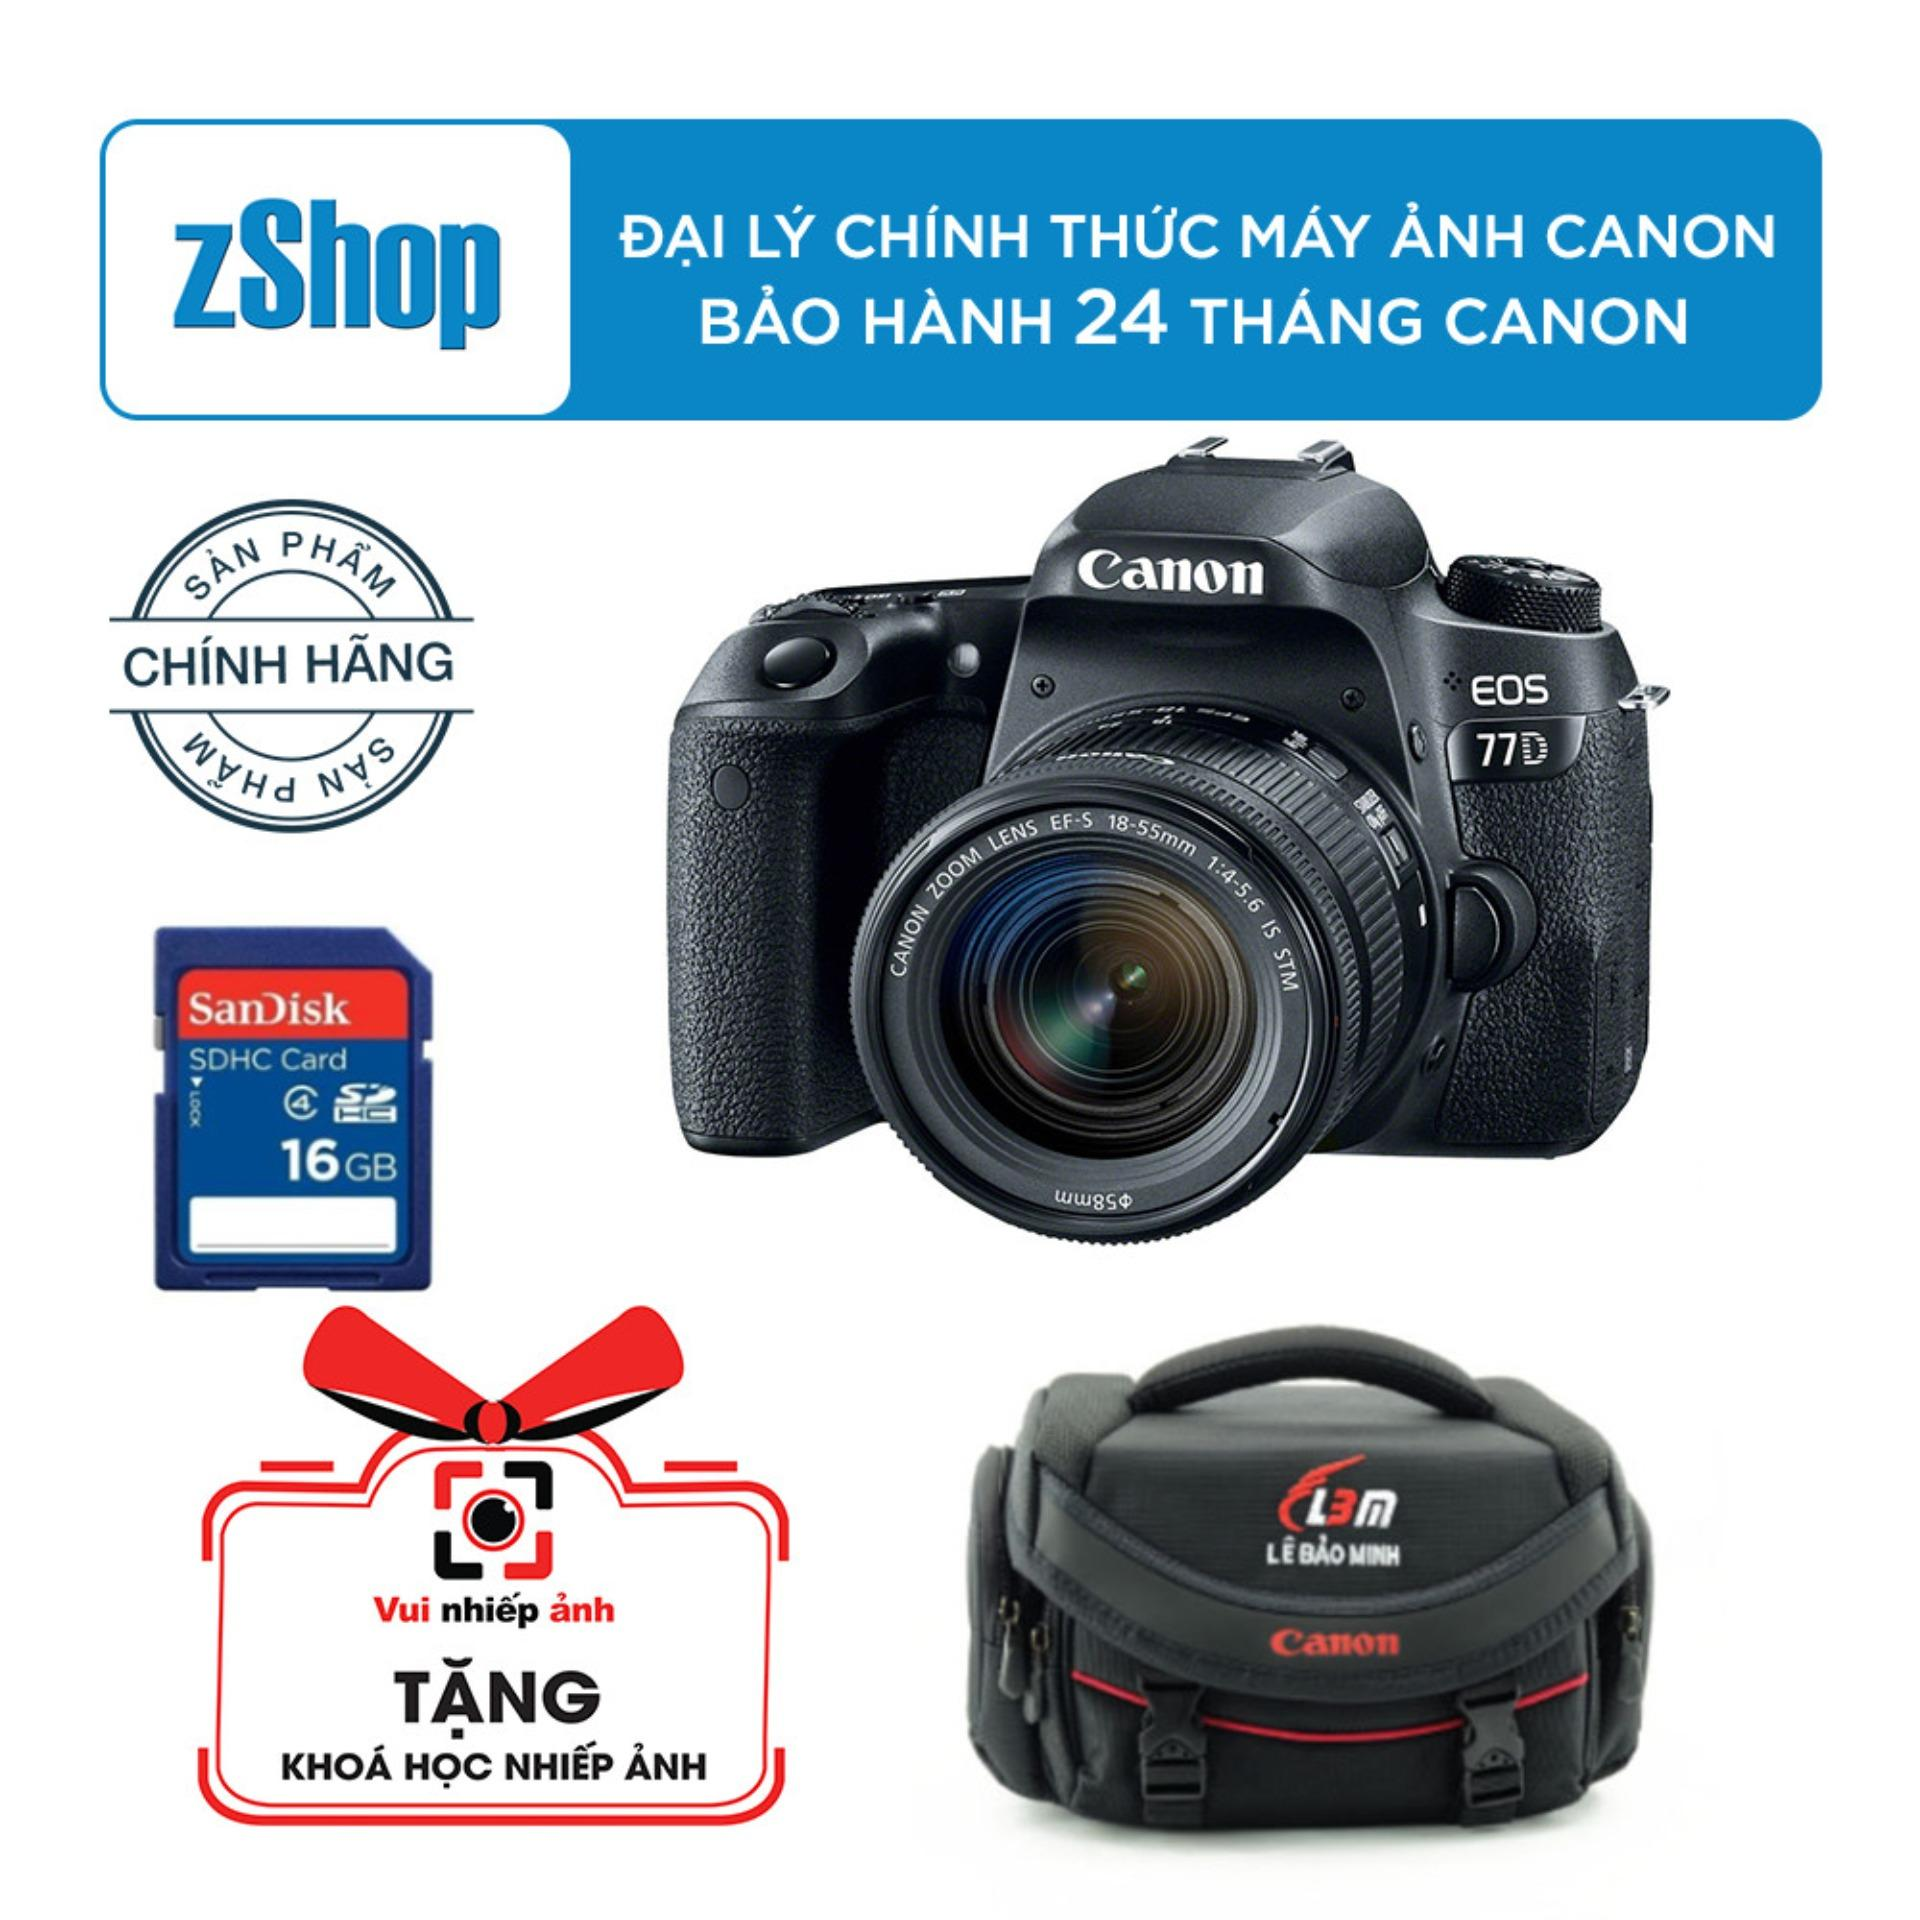 Canon 77D với lens kit EF-S 18-55mm F/4-5.6 IS STM – Chính hãng Lê Bảo Minh + Tặng khoá học nhiếp ảnh EOS + Thẻ nhớ 16GB + Túi máy ảnh